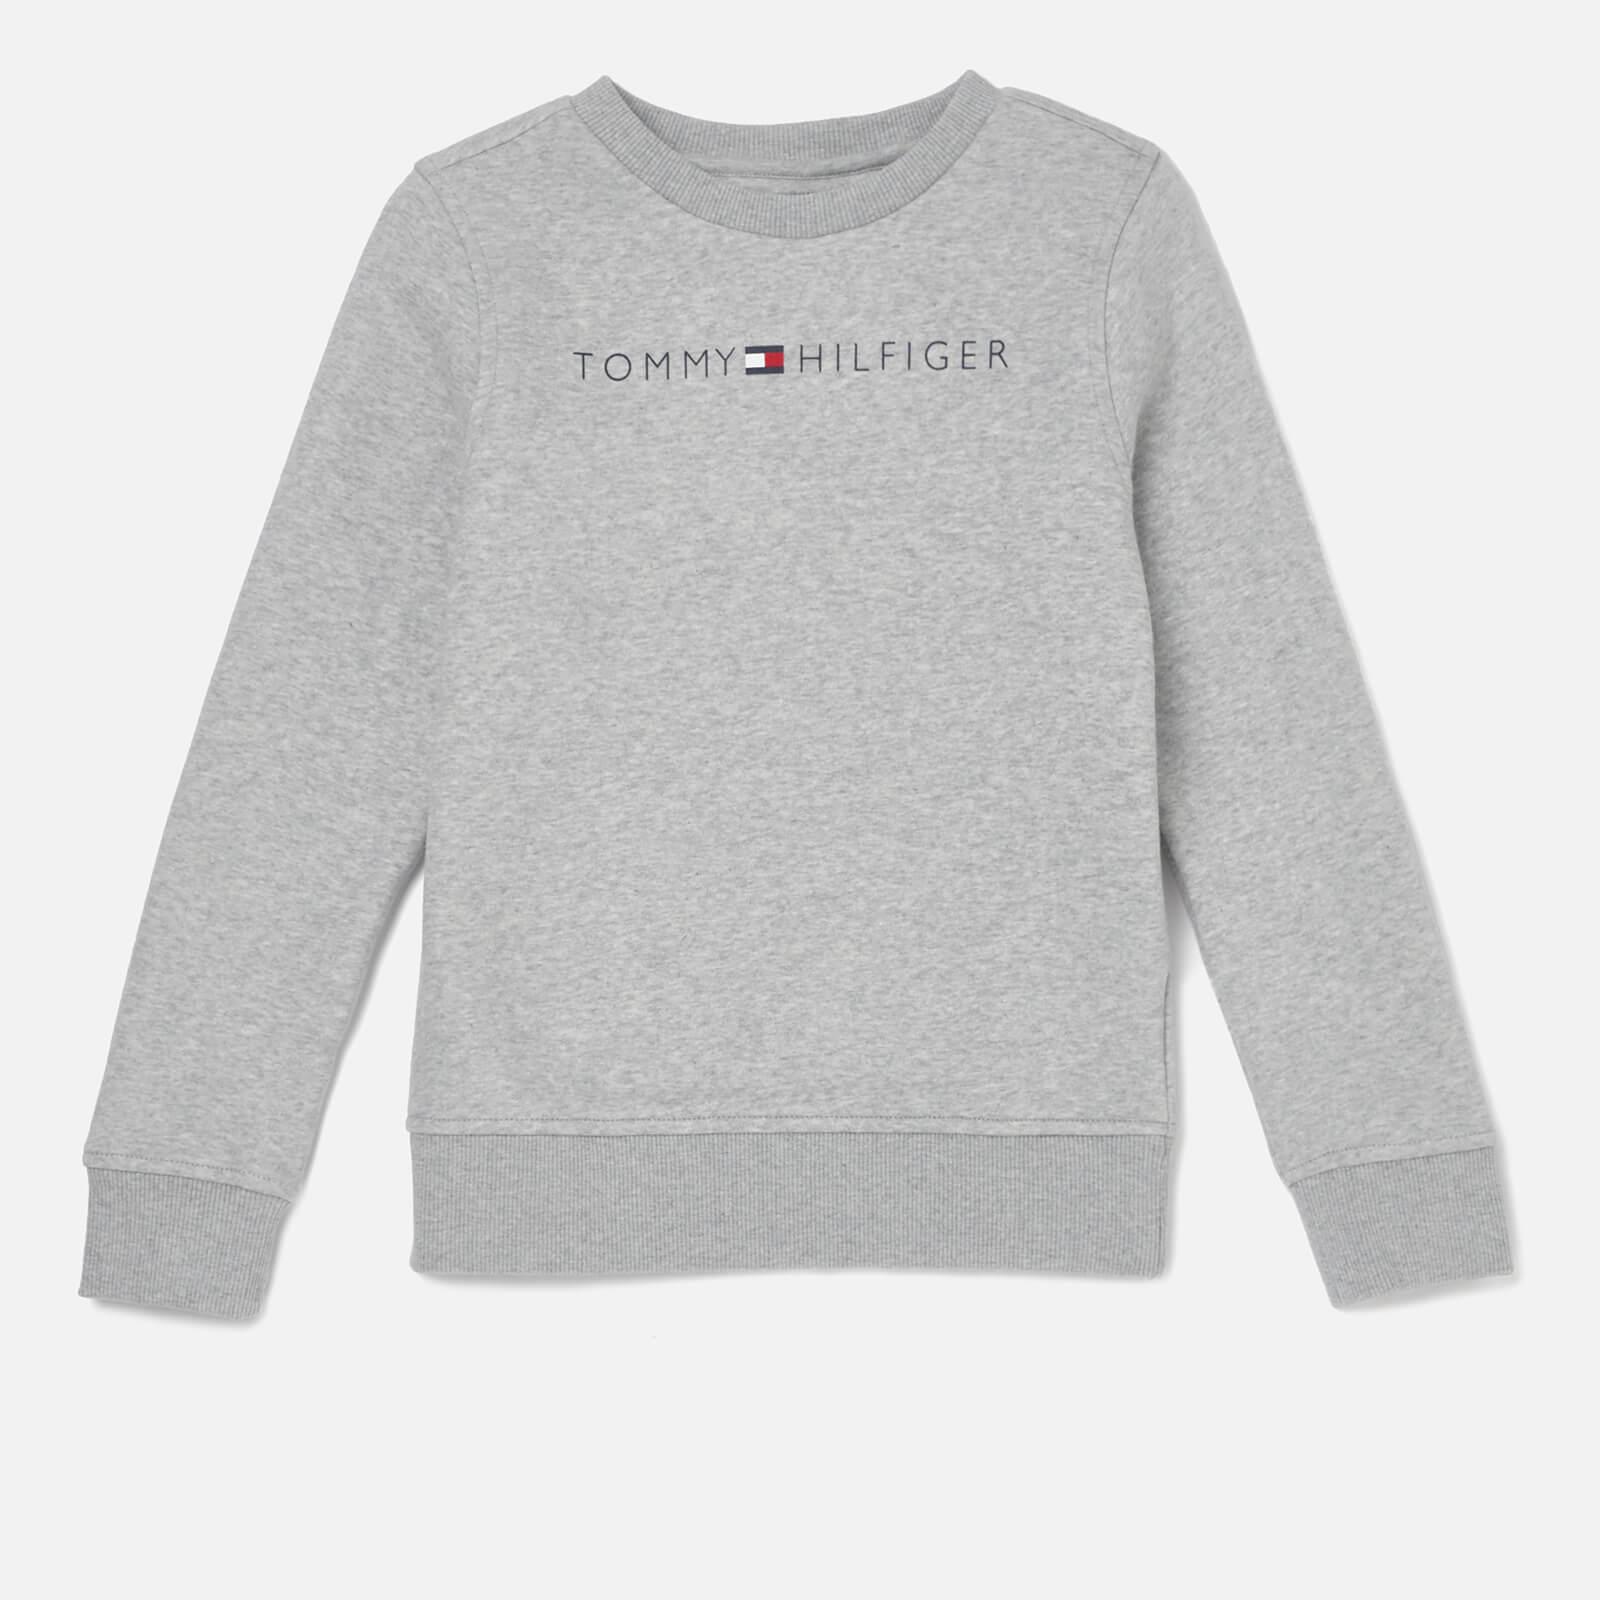 2bd19baa Tommy Hilfiger Boys' Essential Tommy Logo Sweatshirt - Grey Heather Clothing  | TheHut.com